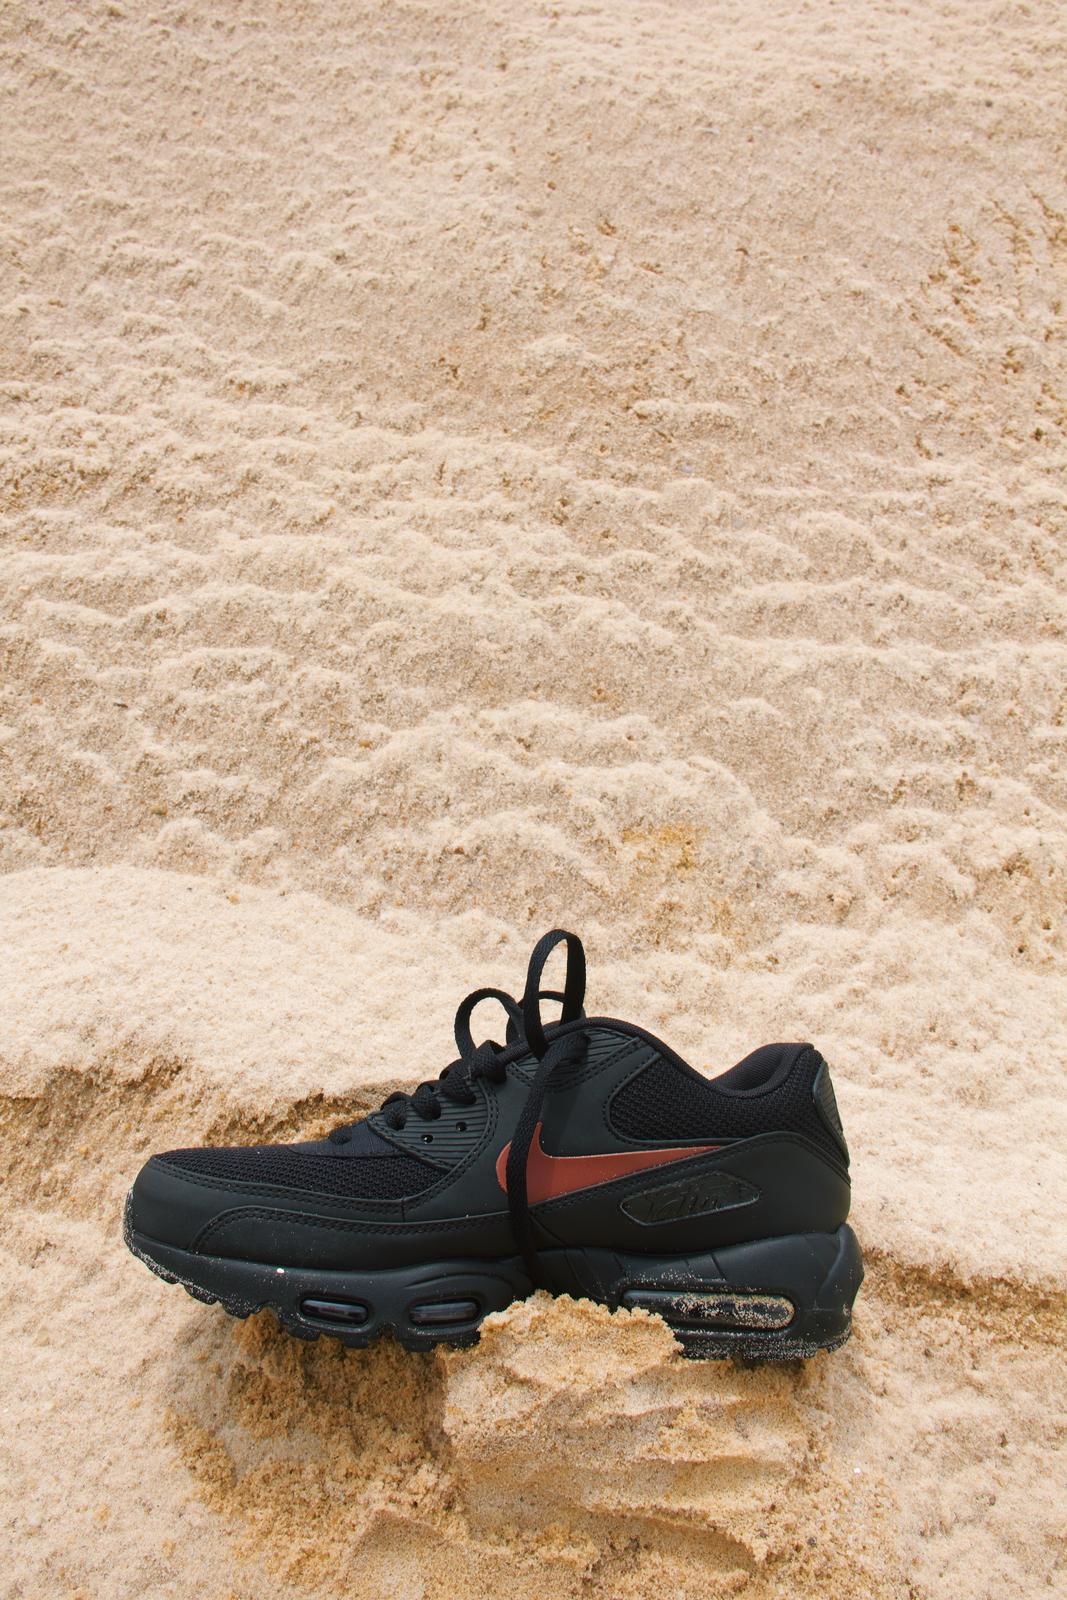 Nike Patta collezione 2018